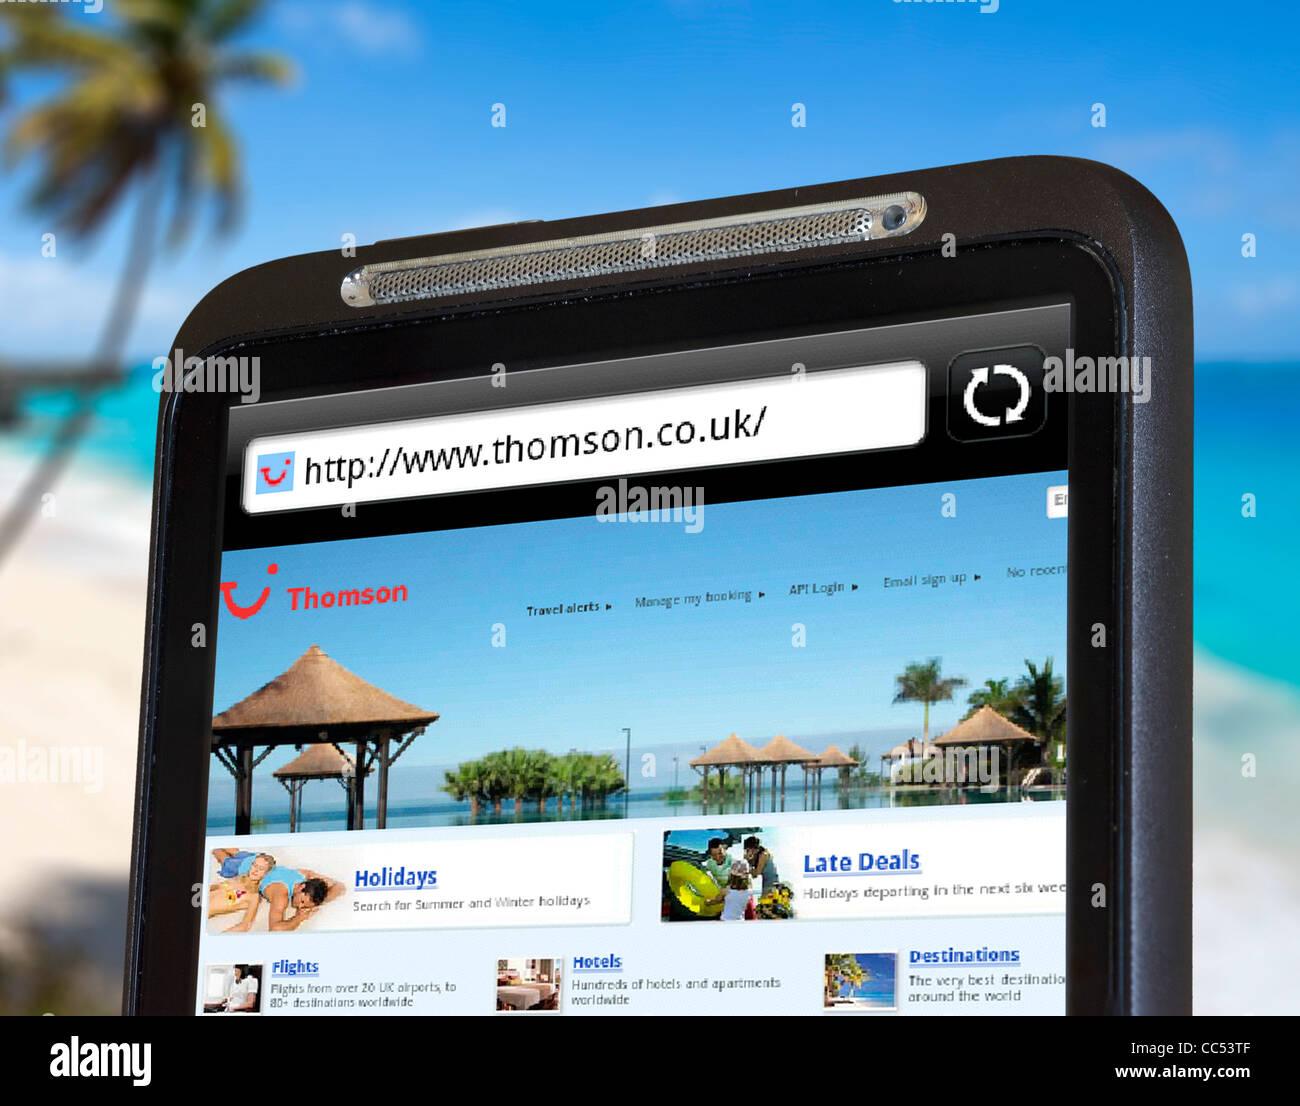 Thompson Travel Uk: Thomson Tui Stock Photos & Thomson Tui Stock Images